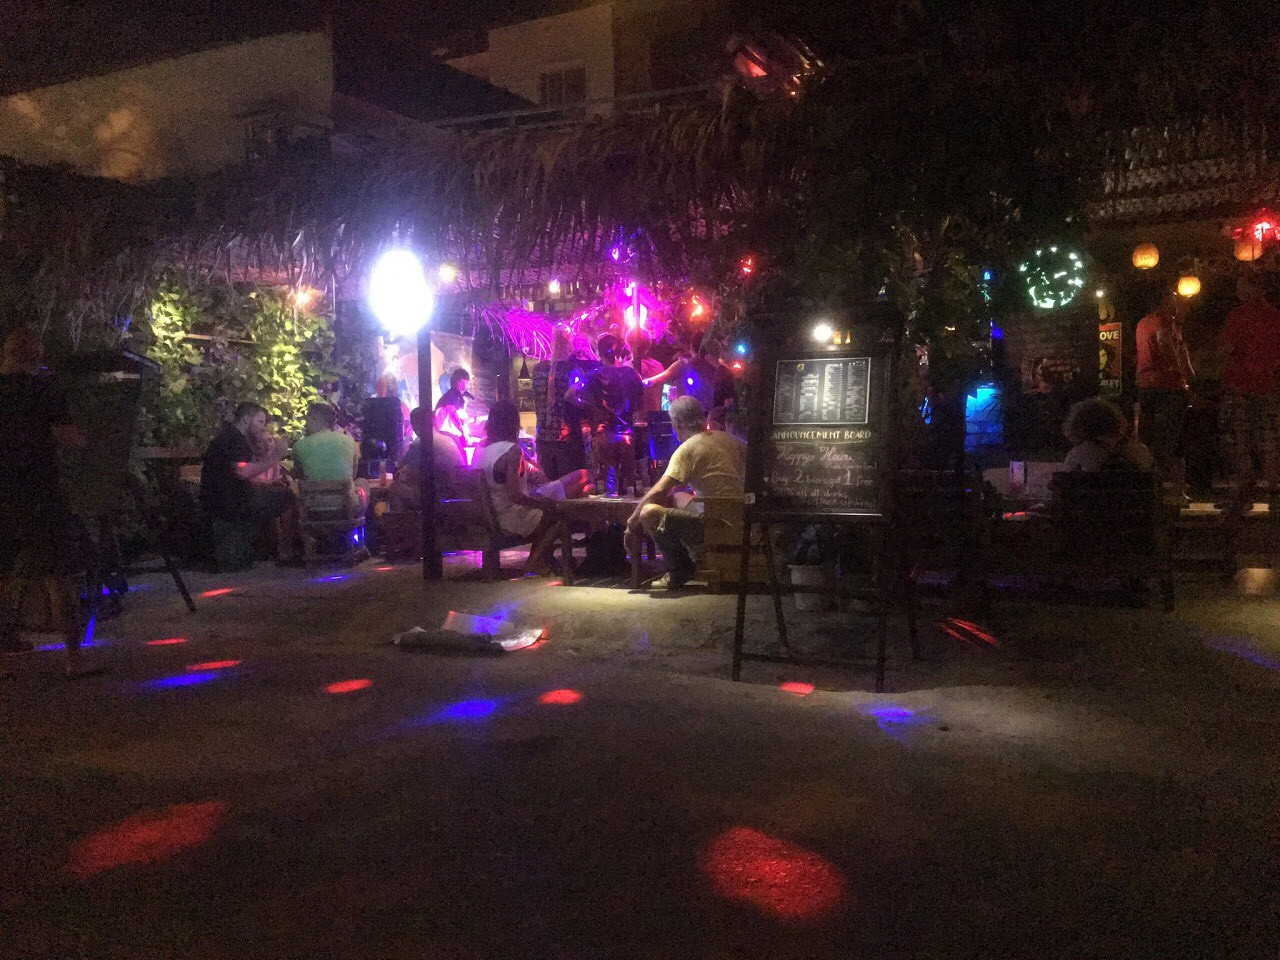 Phát hiện 18 người nước ngoài dương tính với ma túy trong quán bar ở Đà Nẵng - Ảnh 2.